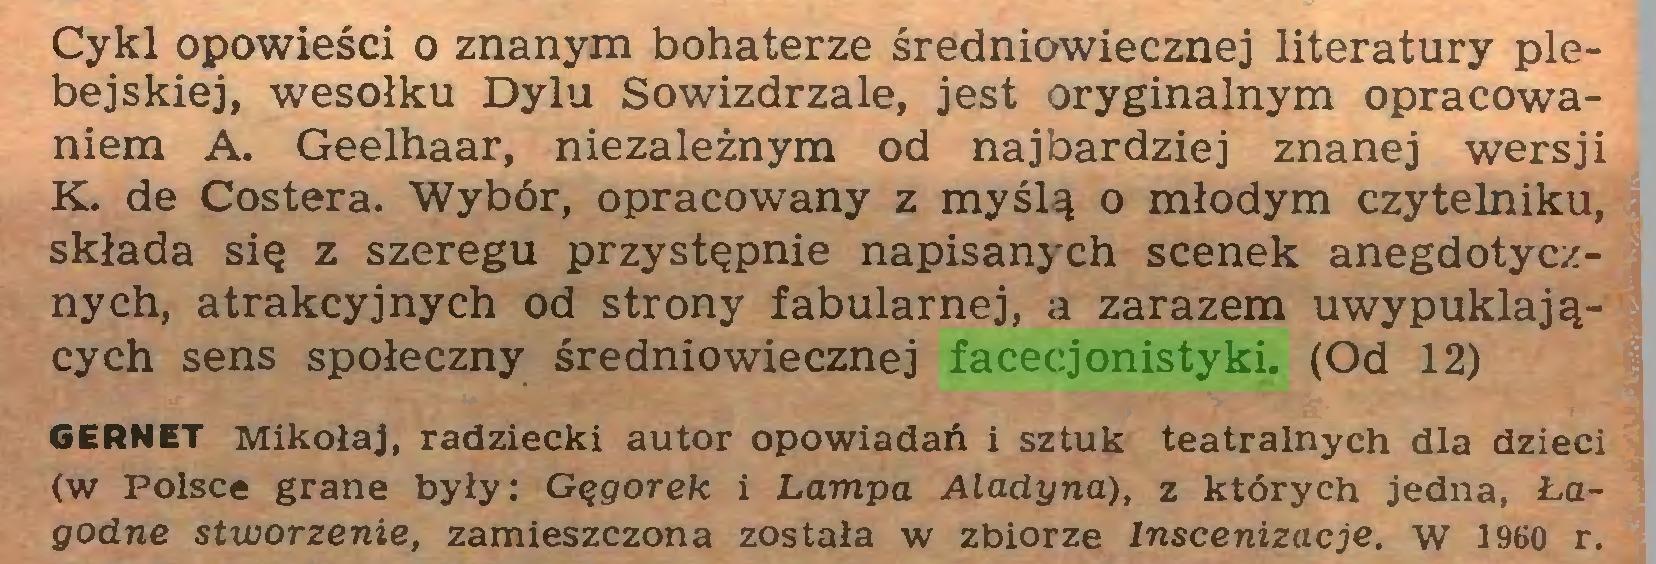 (...) Cykl opowieści o znanym bohaterze średniowiecznej literatury plebejskiej, wesołku Dylu Sowizdrzale, jest oryginalnym opracowaniem A. Geelhaar, niezależnym od najbardziej znanej wersji K. de Costera. Wybór, opracowany z myślą o młodym czytelniku, składa się z szeregu przystępnie napisanych scenek anegdotycznych, atrakcyjnych od strony fabularnej, a zarazem uwypuklających sens społeczny średniowiecznej facecjonistyki. (Od 12) GERNET Mikołaj, radziecki autor opowiadań i sztuk teatralnych dla dzieci (w Polsce grane były: Gęgorek i Lampa Aladyna), z których jedna, Łagodne stworzenie, zamieszczona została w zbiorze Inscenizacje, w 1960 r...